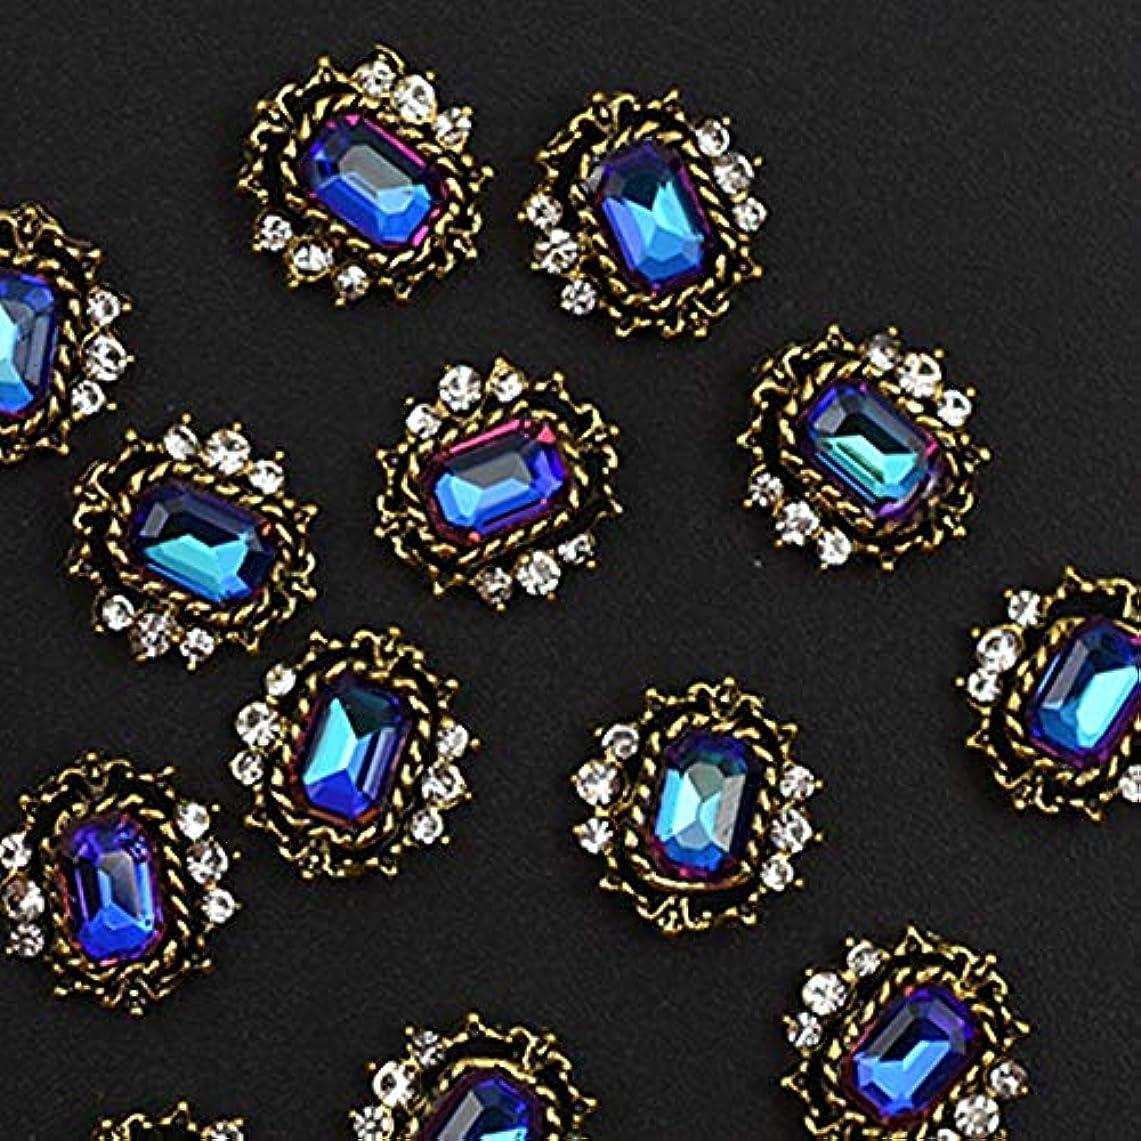 興奮数字政権10個入りブルーのラインストーン合金の3Dネイルアートの装飾釘チャームスタッドGliterクリスタルダイヤモンドラインストーンジュエリーアクセサリー